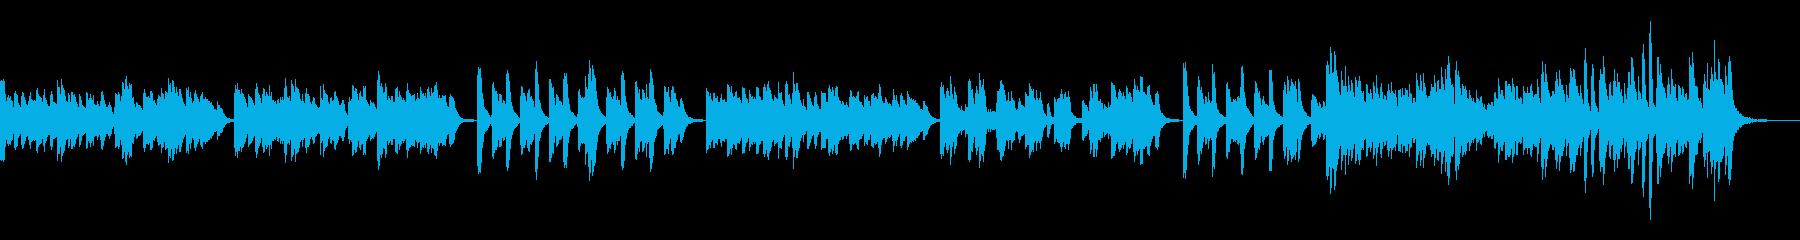 ピアノ:ペットのコロコロかわいい仕草にの再生済みの波形